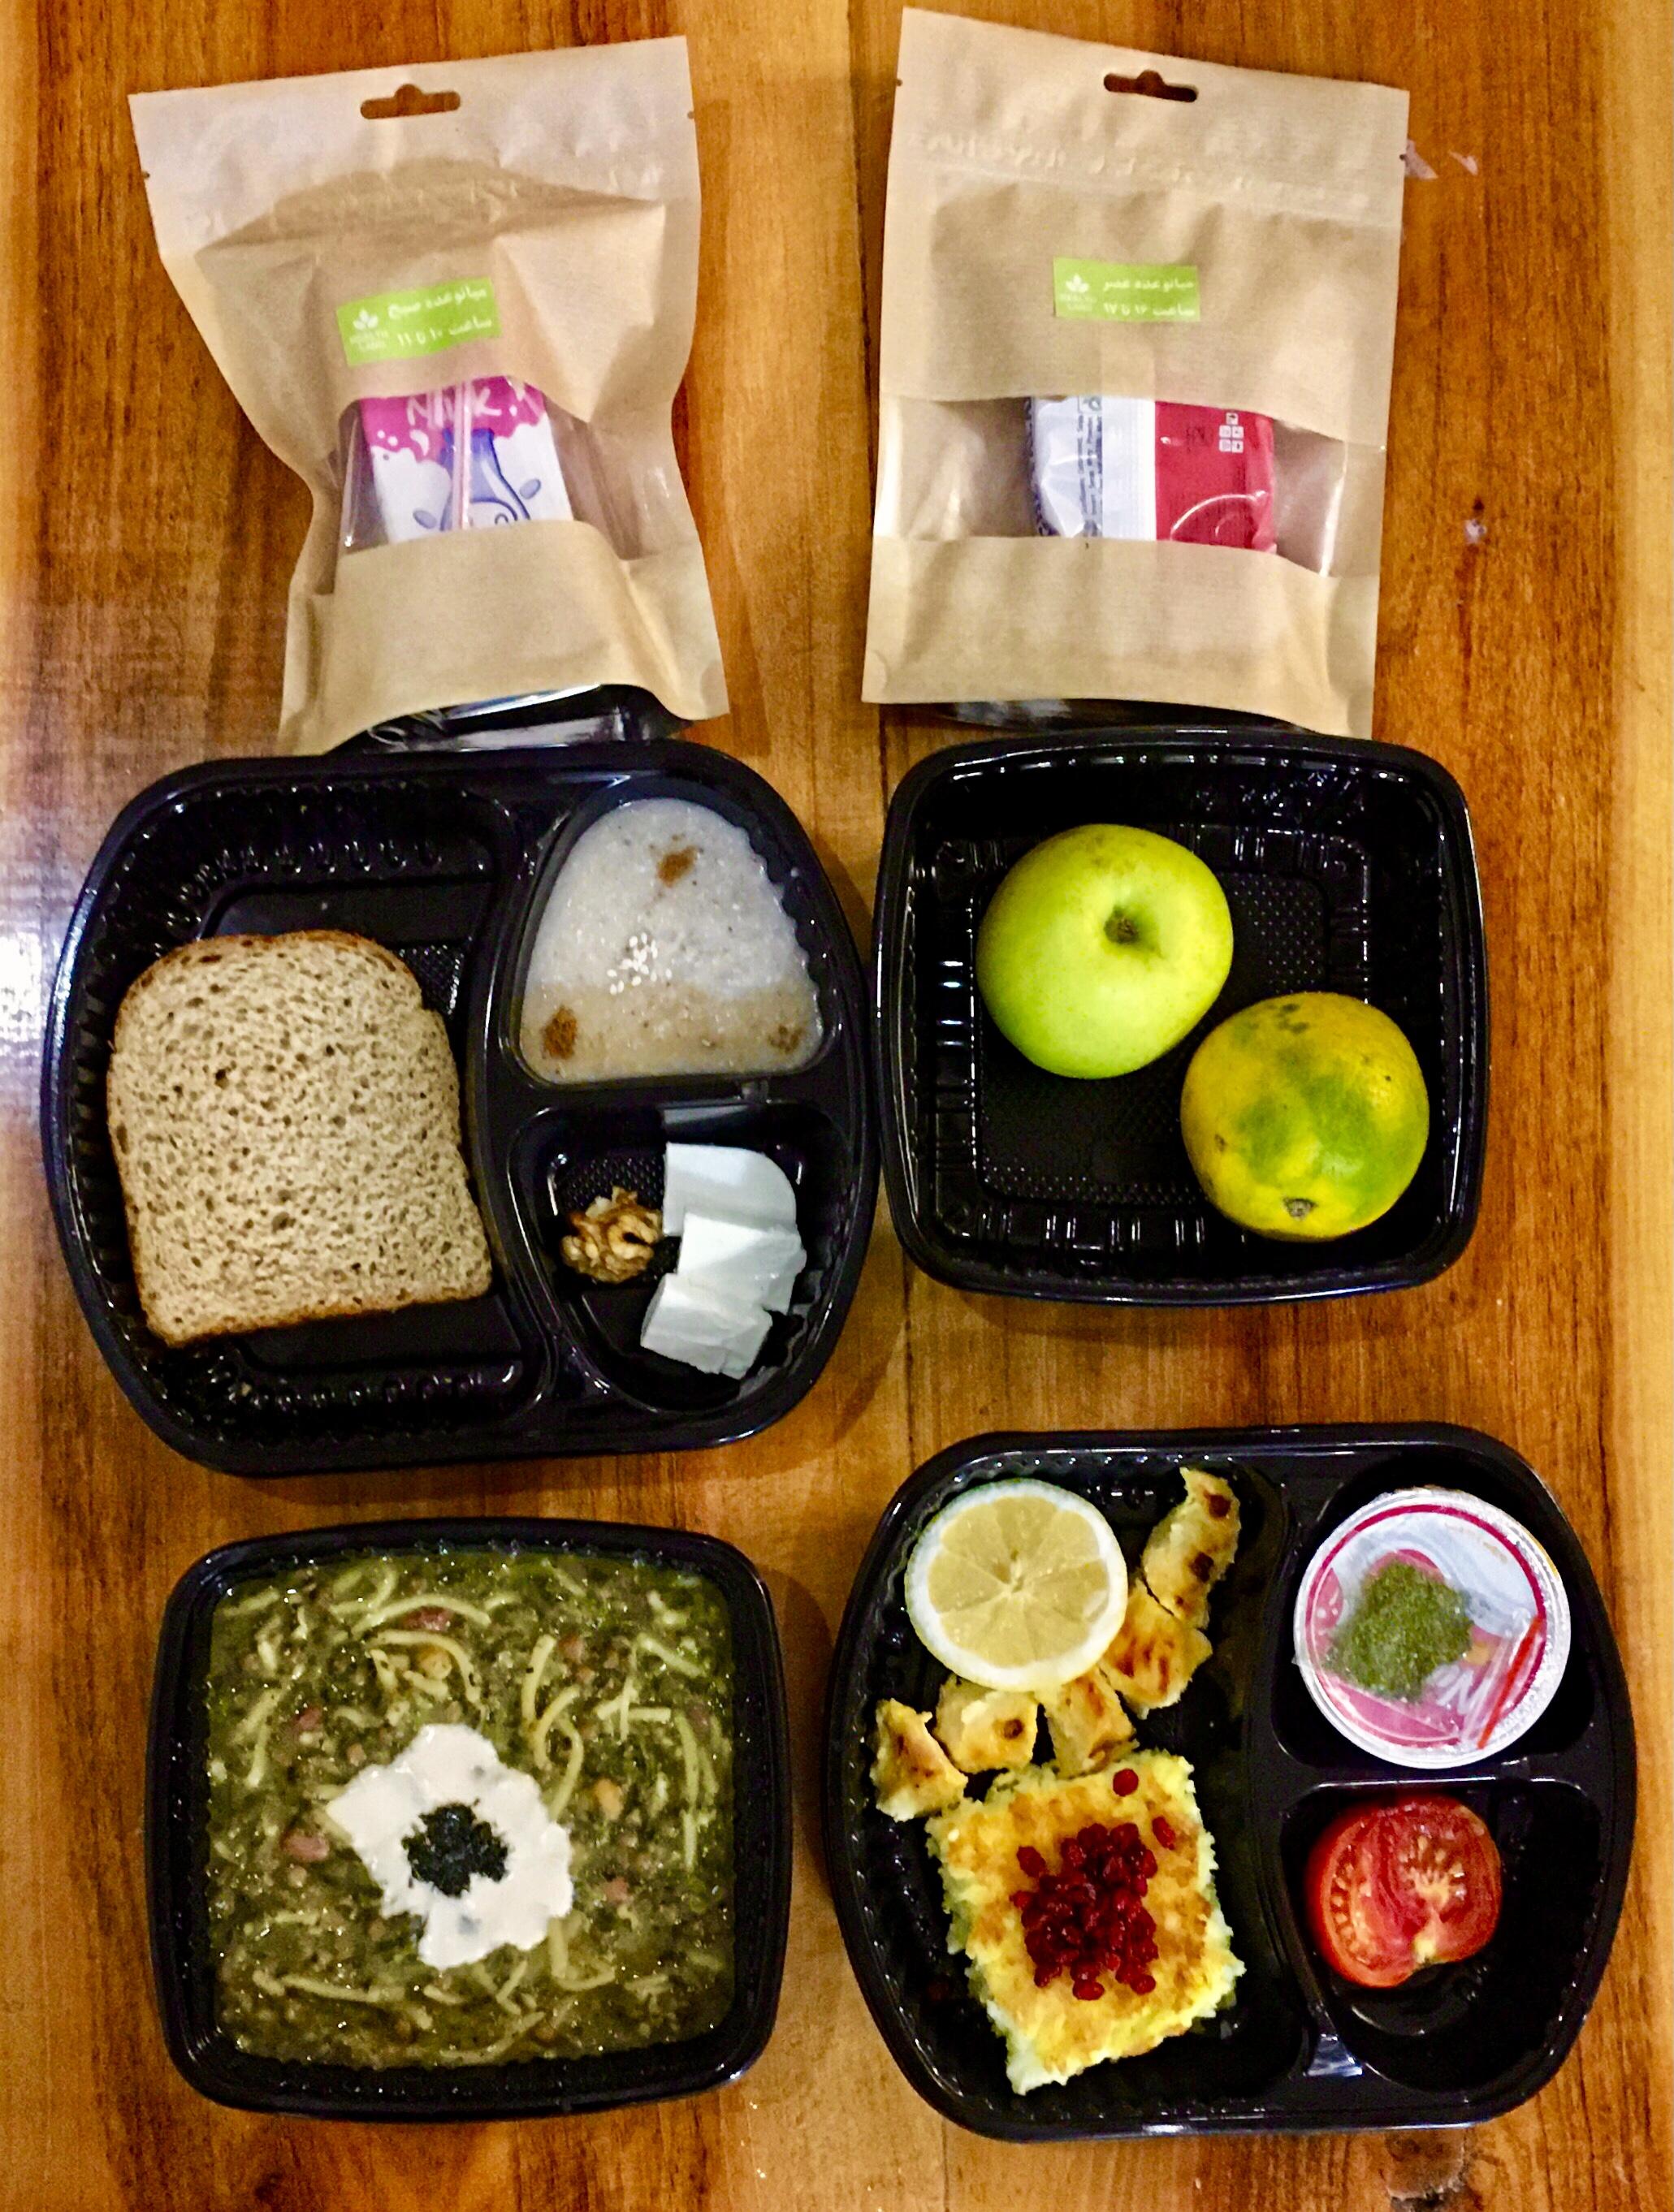 پکیج غذای رژیمی ماهانه